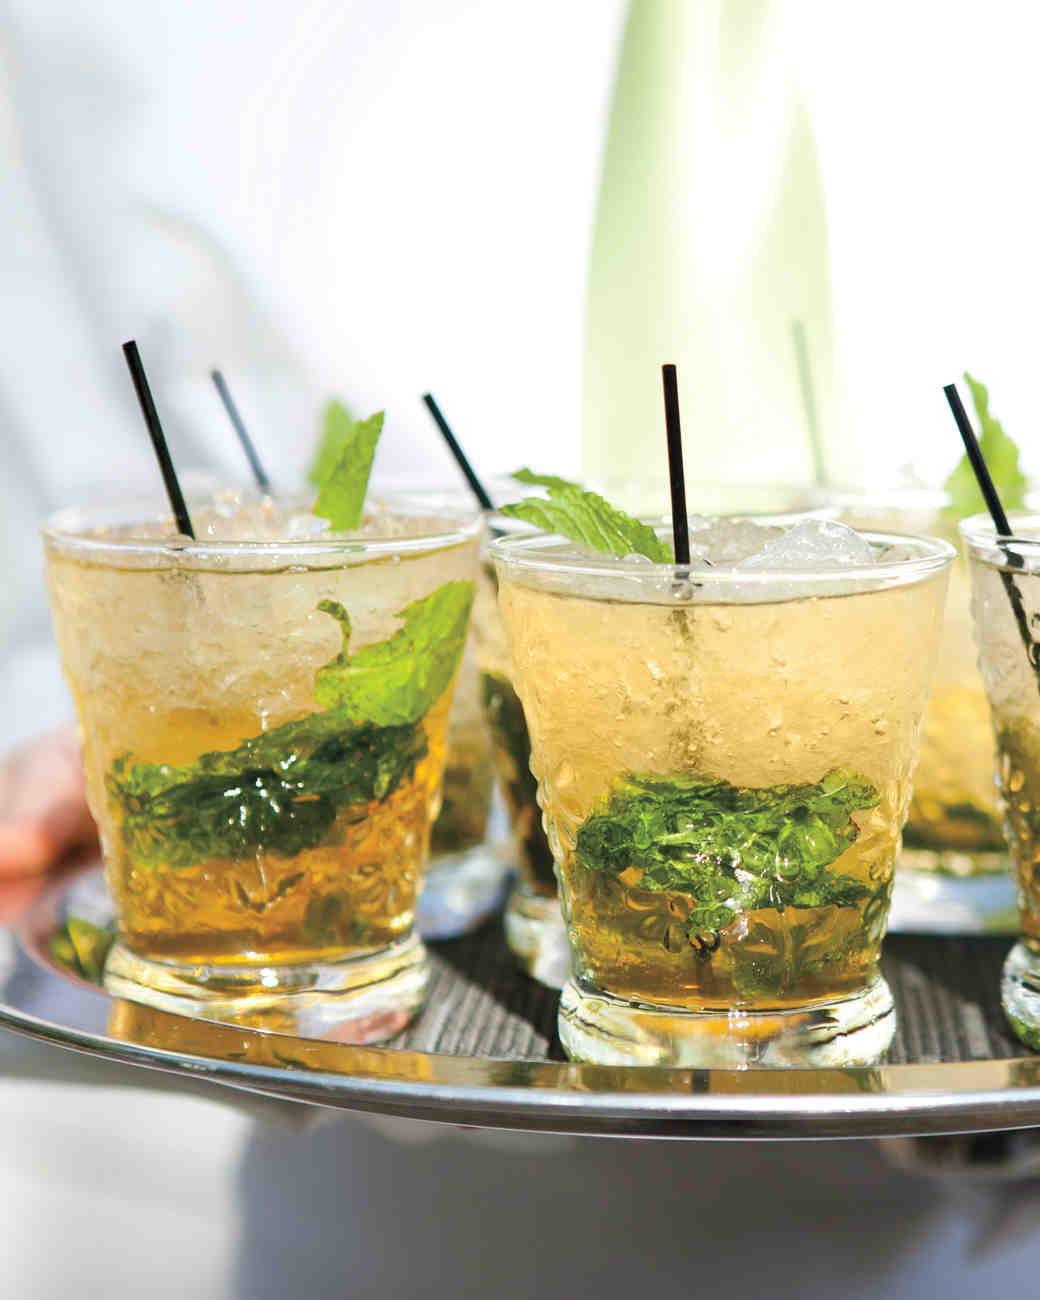 shoshana-jeremy-cocktail-0489-comp-mwds110421.jpg